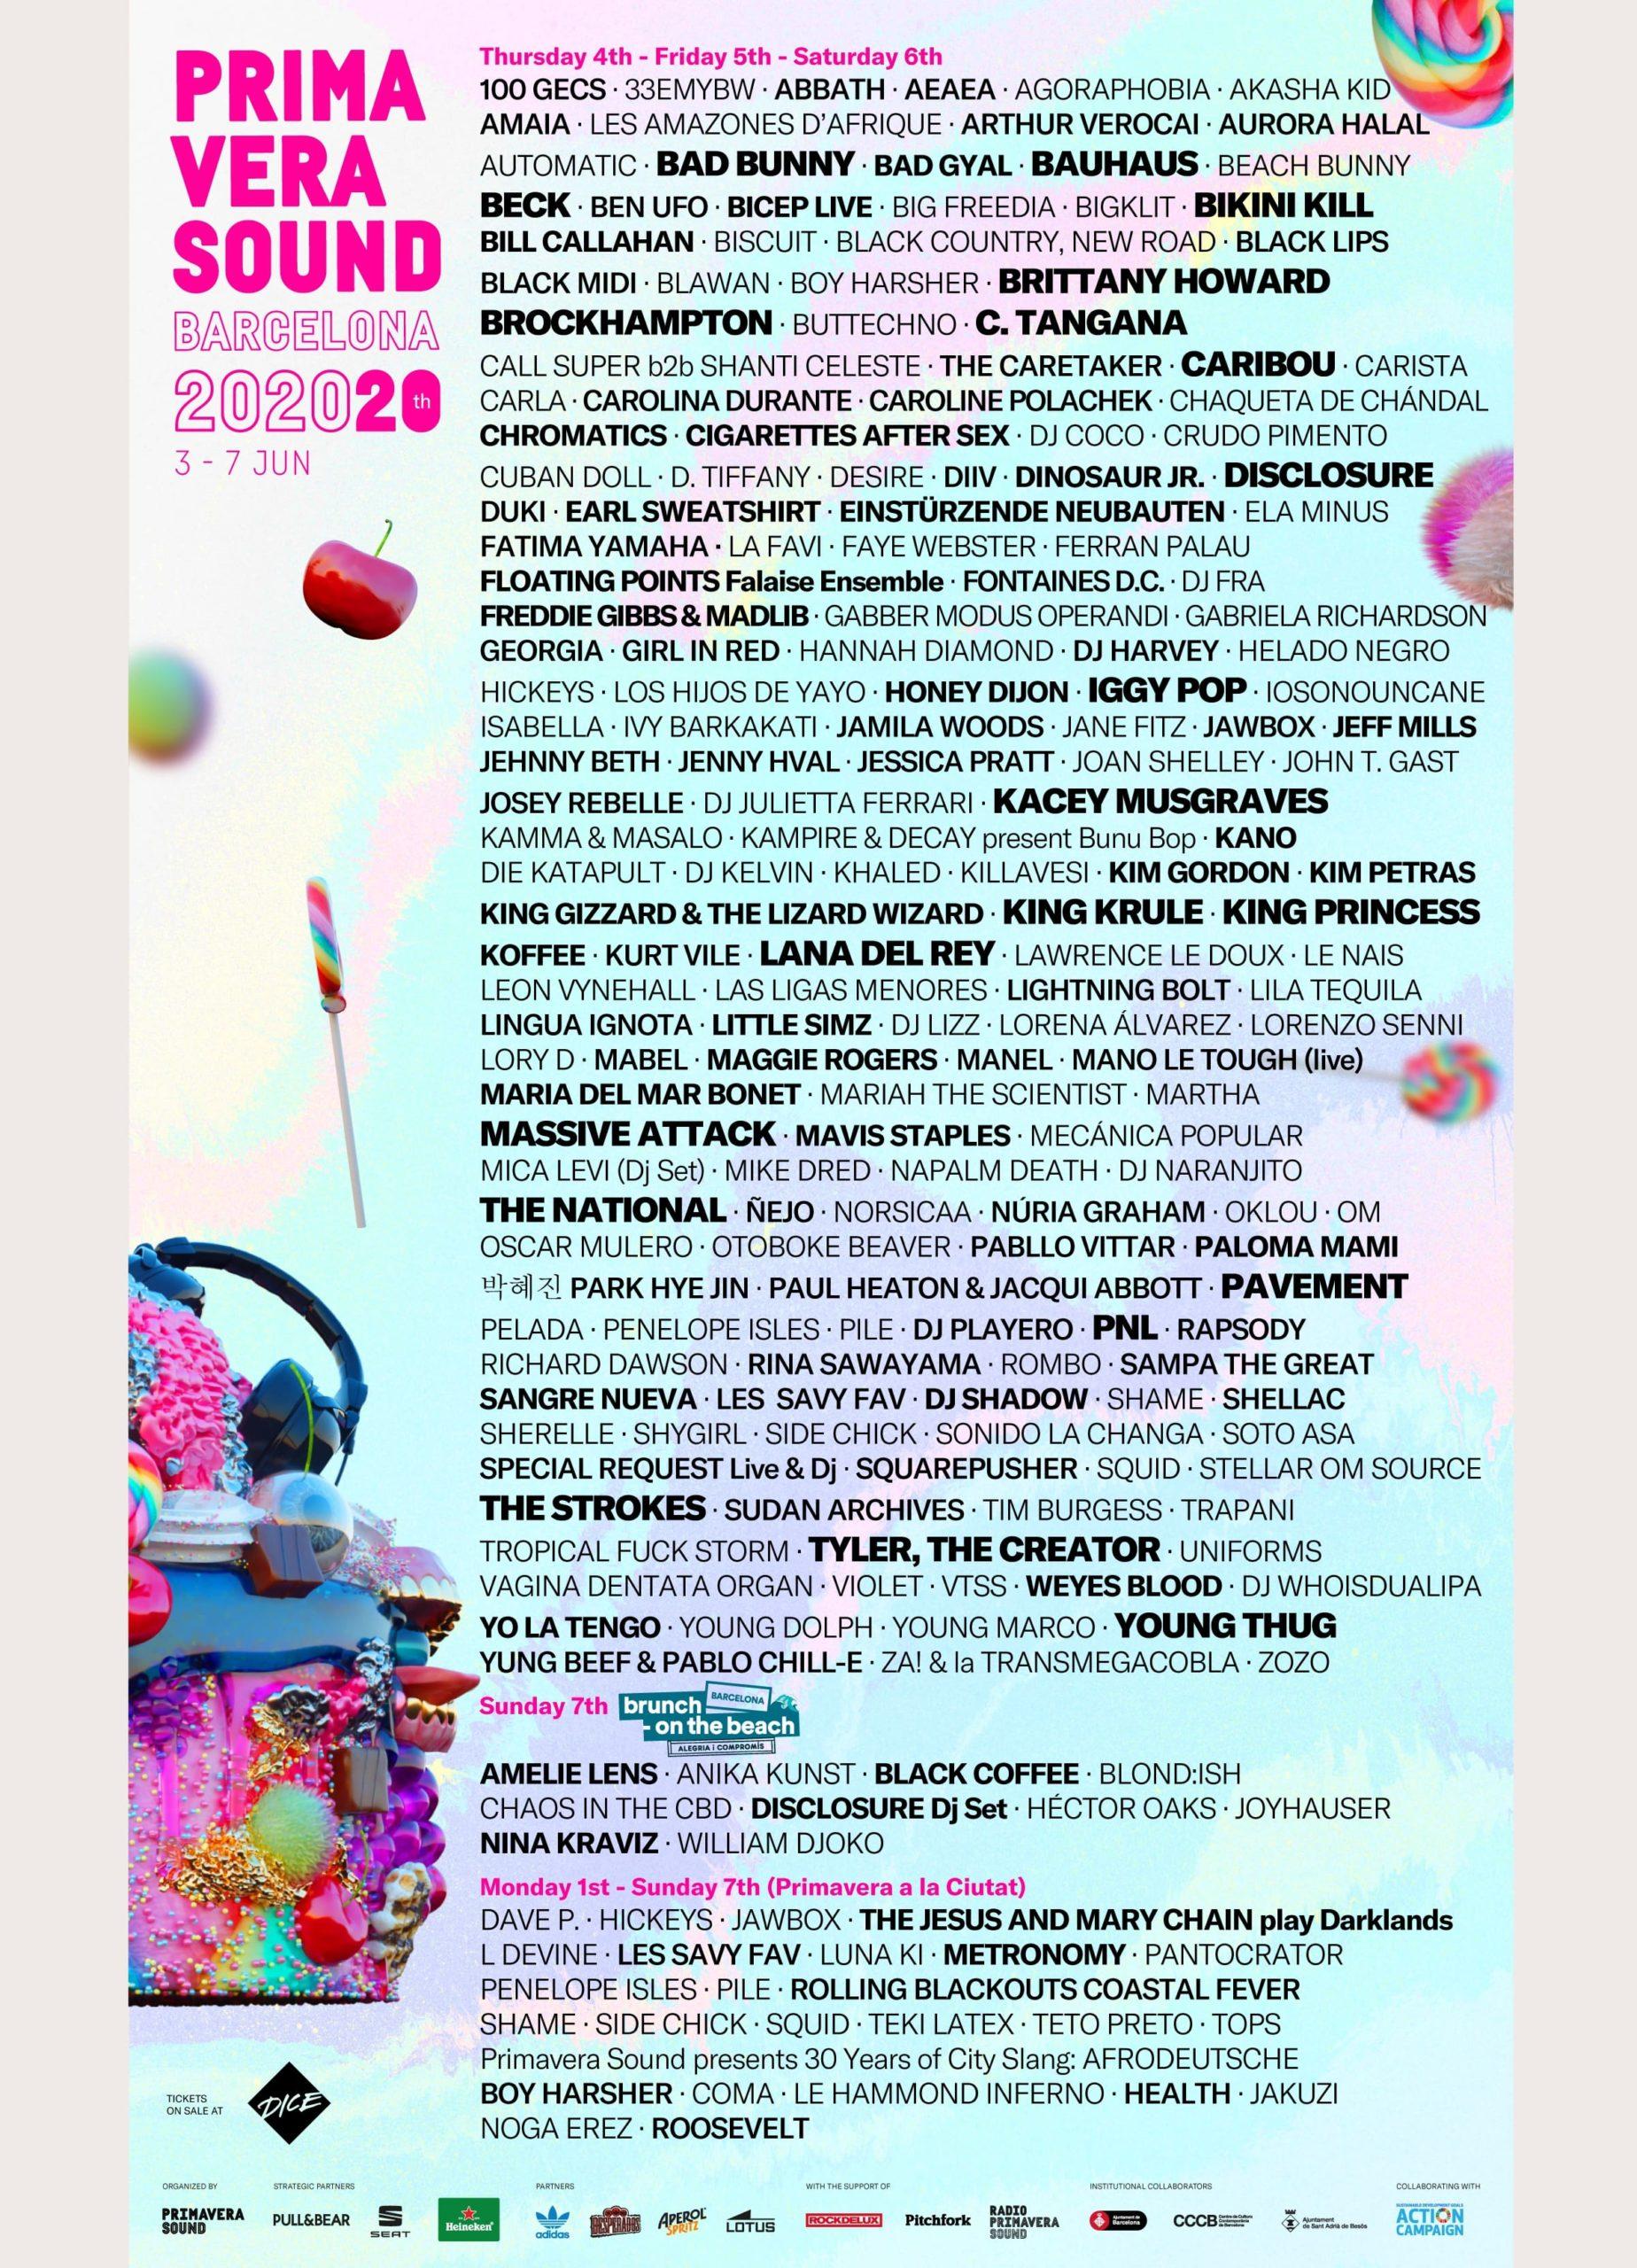 Primavera Sound 2020 line-up